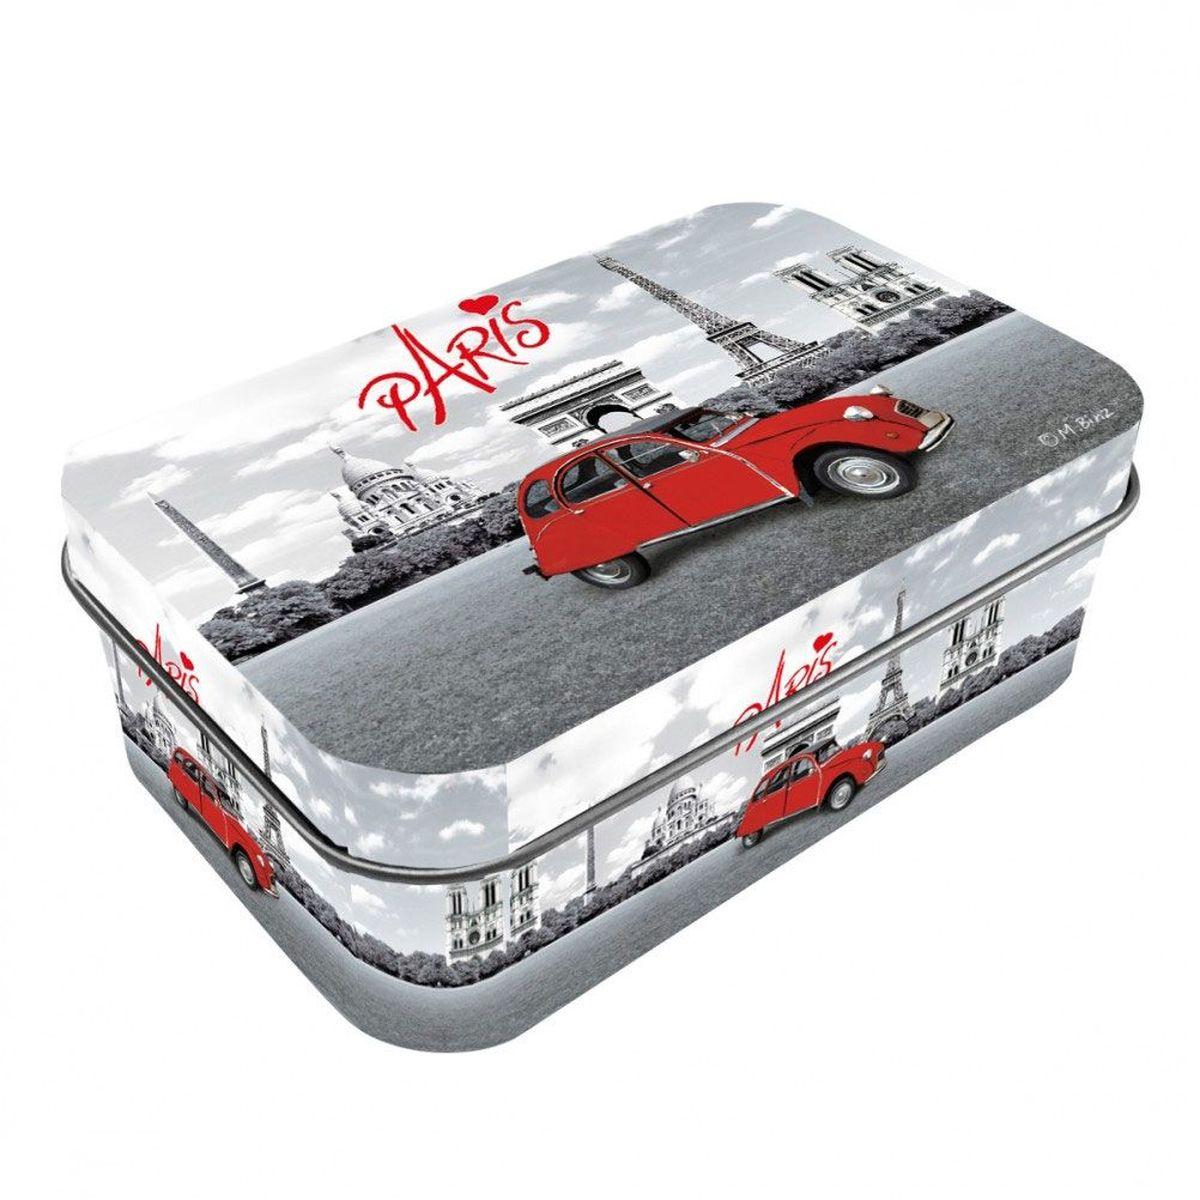 Petite boite paris en m tal avec couvercle charni re - Petite boite en metal ...